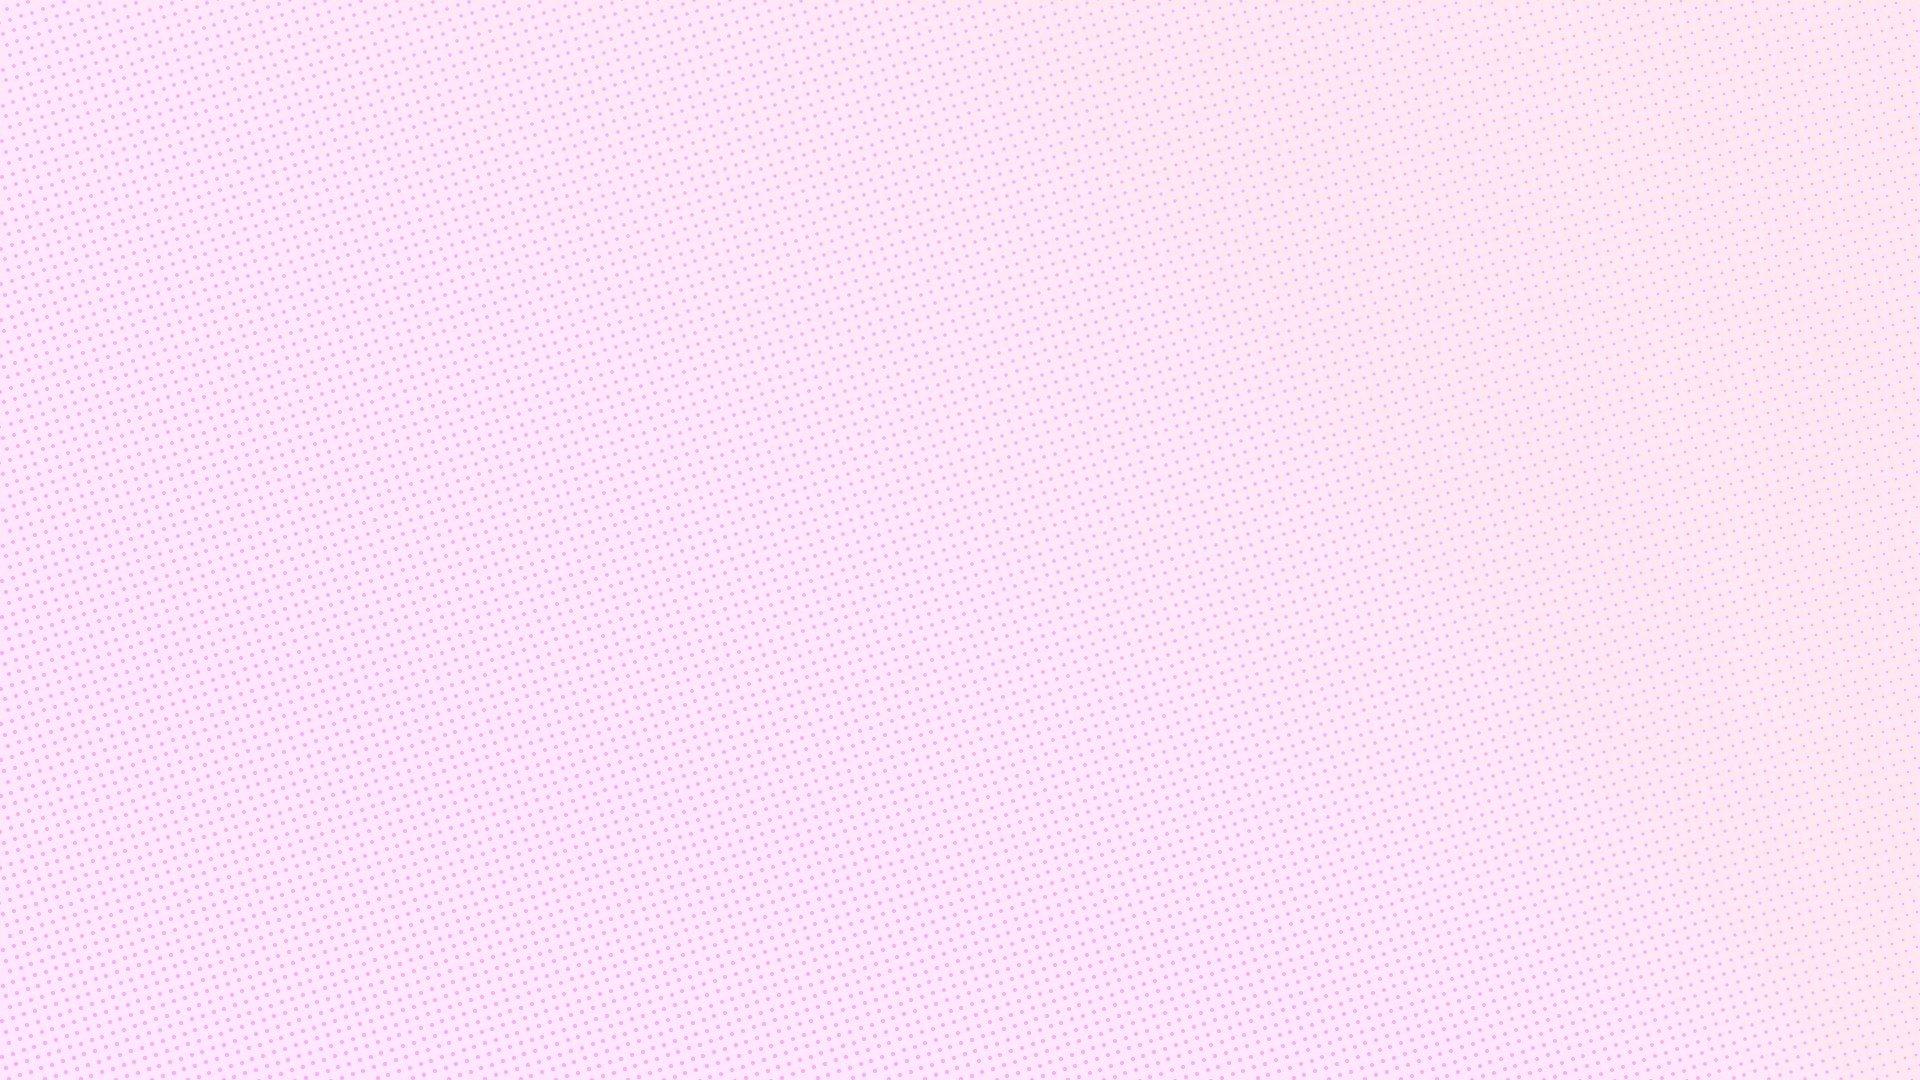 Pastel Pink Wallpaper Free Download